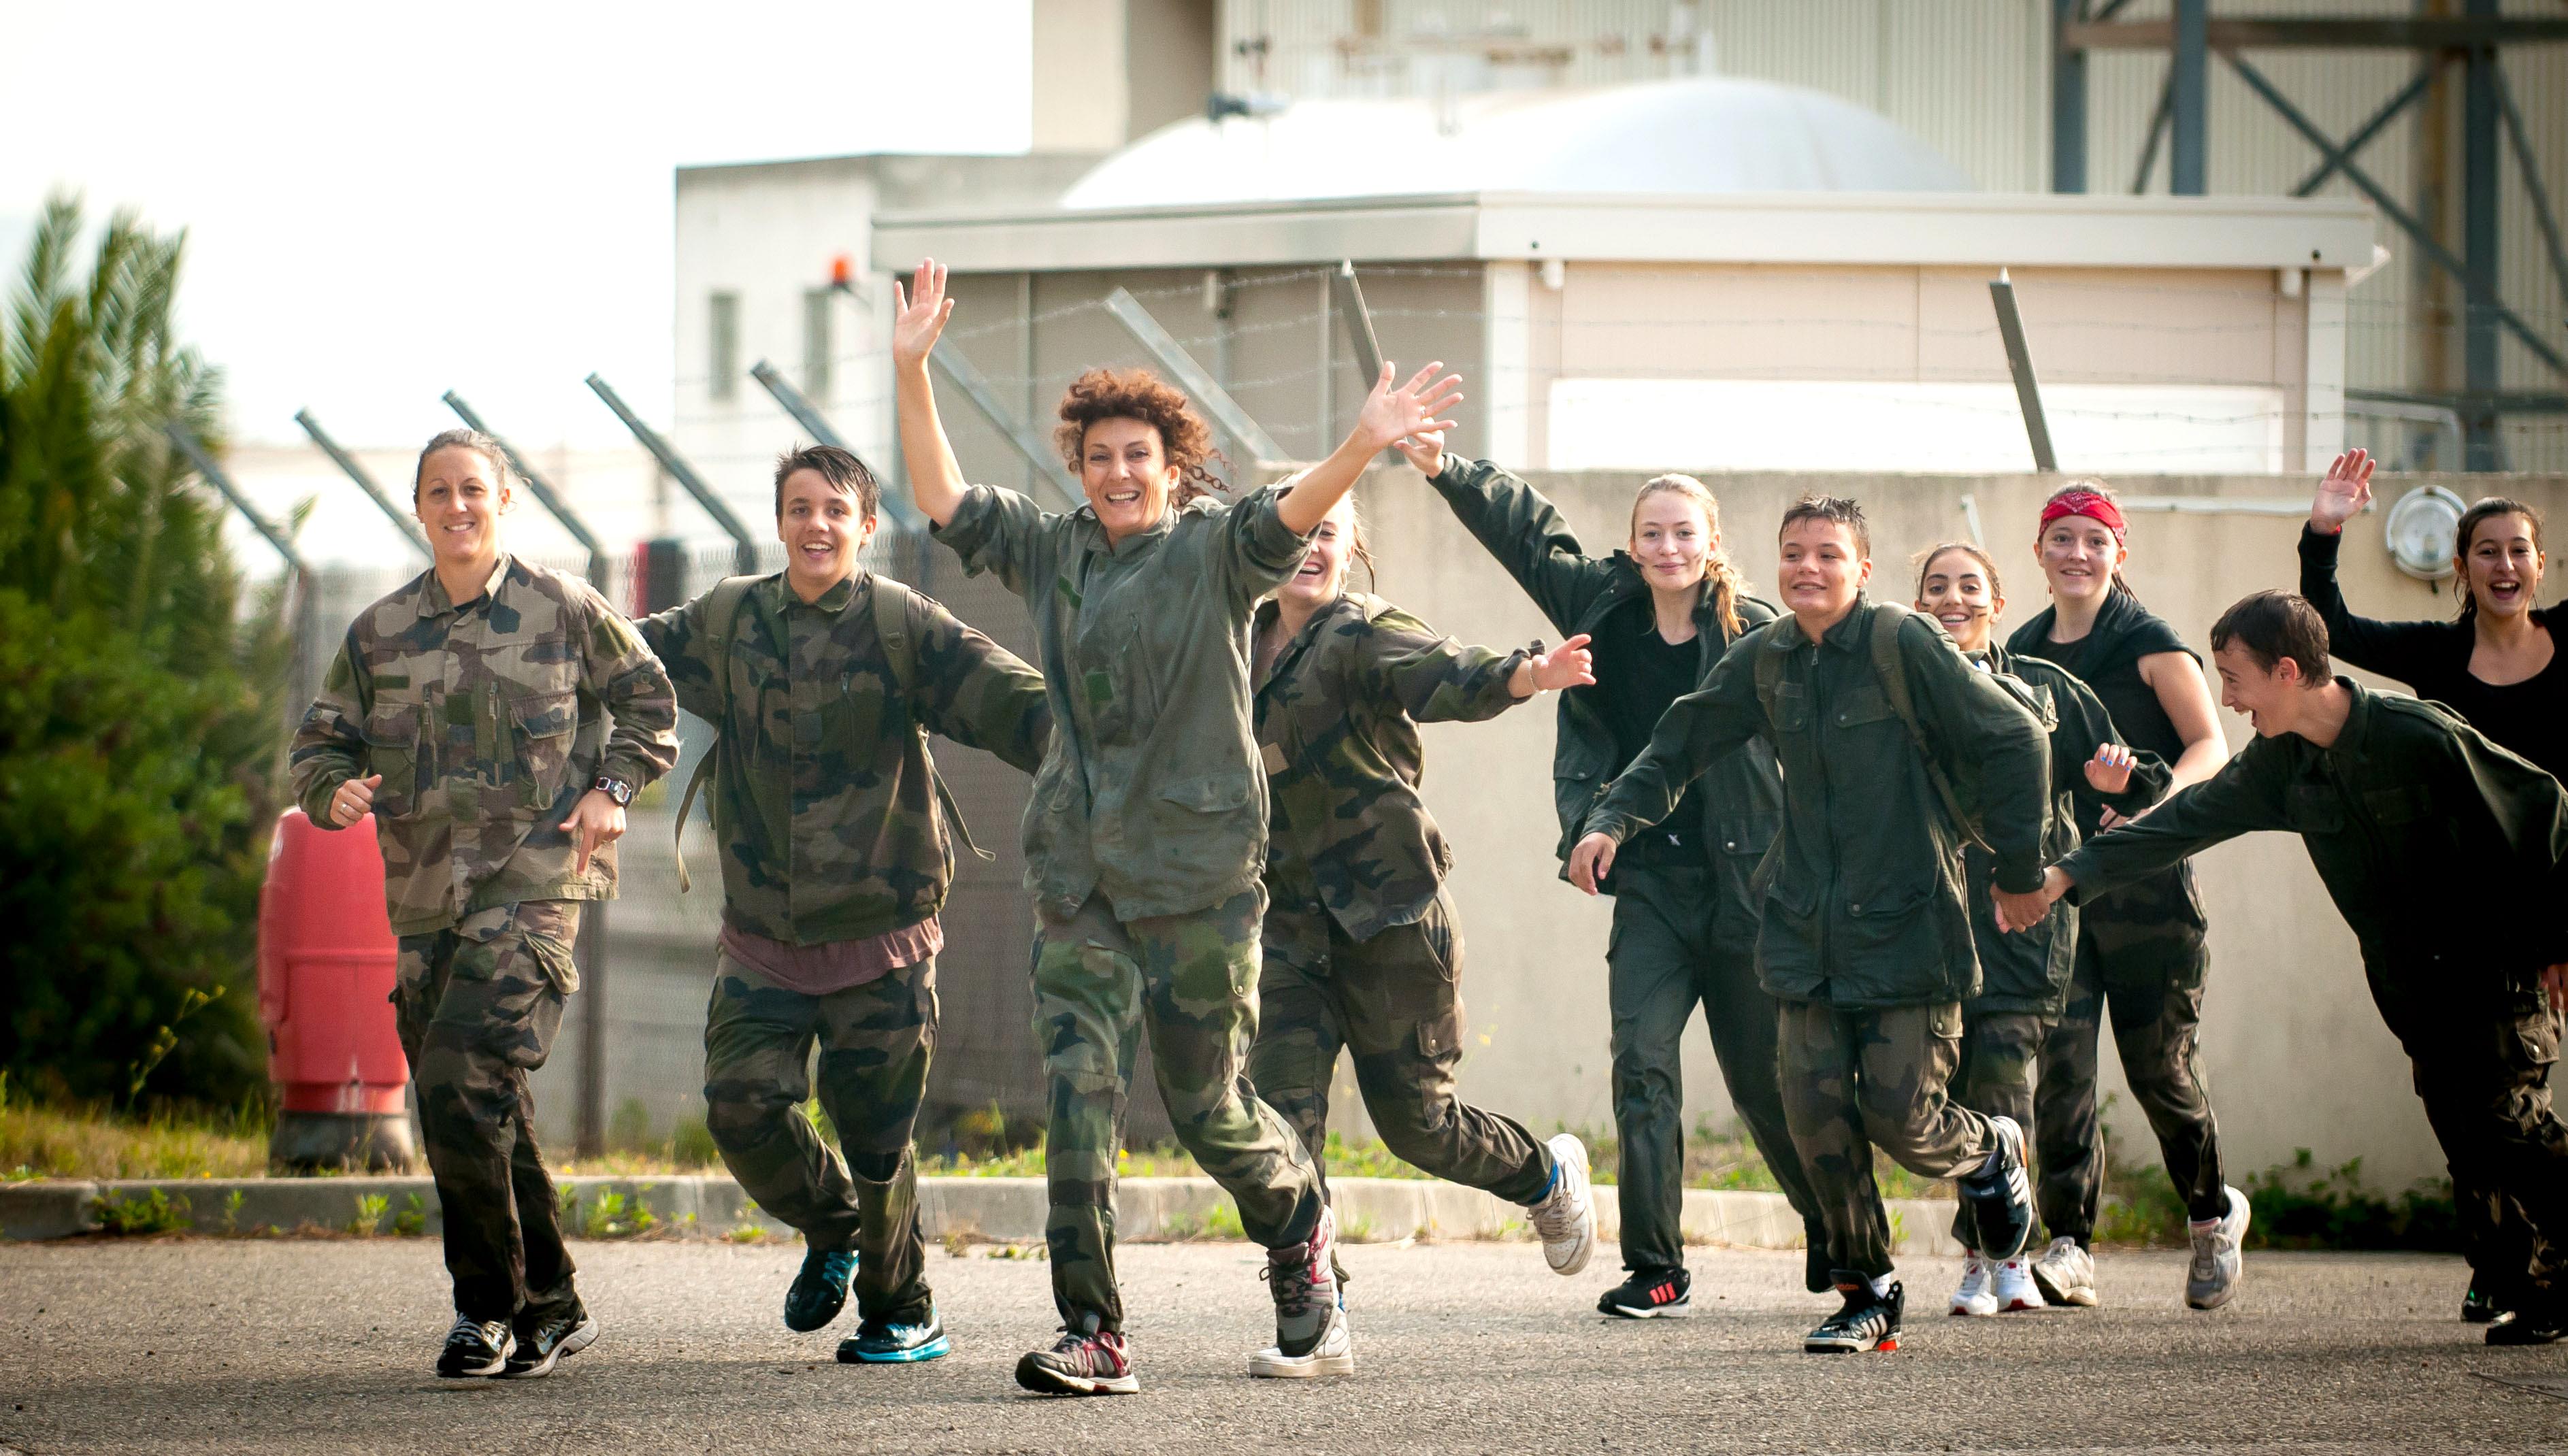 Journée sport armées jeunesse avec les élèves du collège Louis Clément